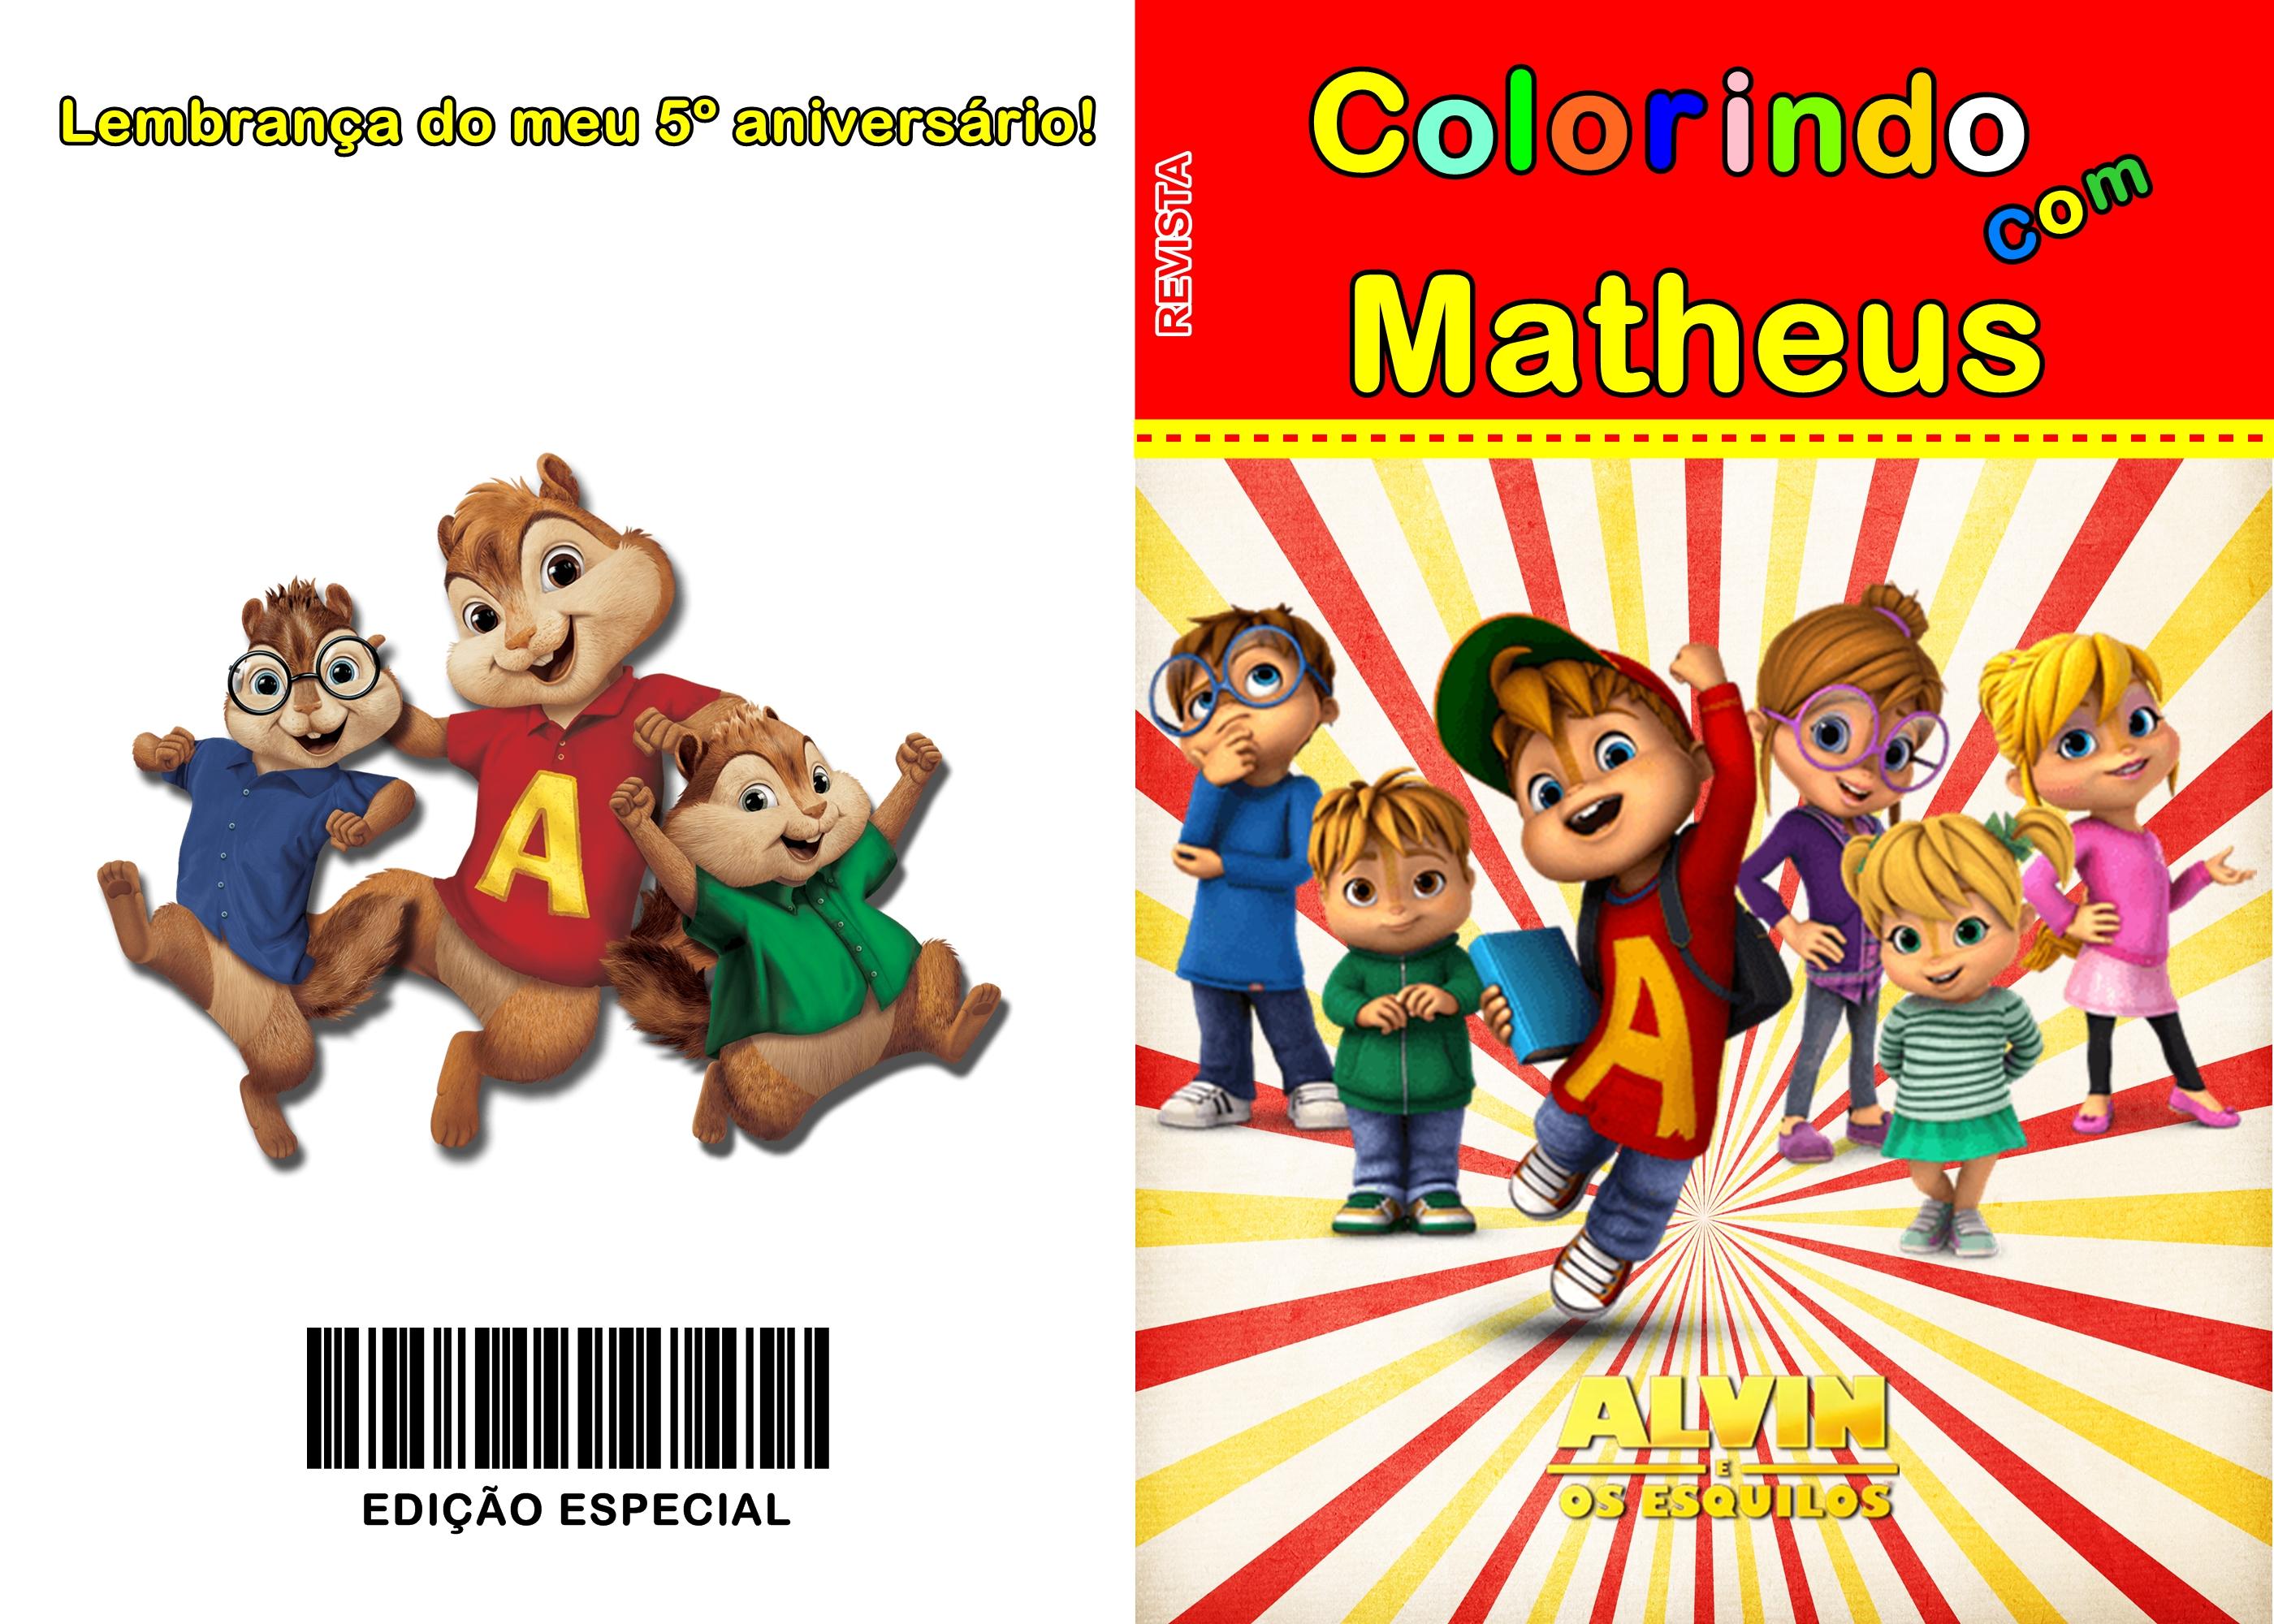 Revista Para Colorir Alvin E Os Esquilos No Elo7 Atelie Da Babi